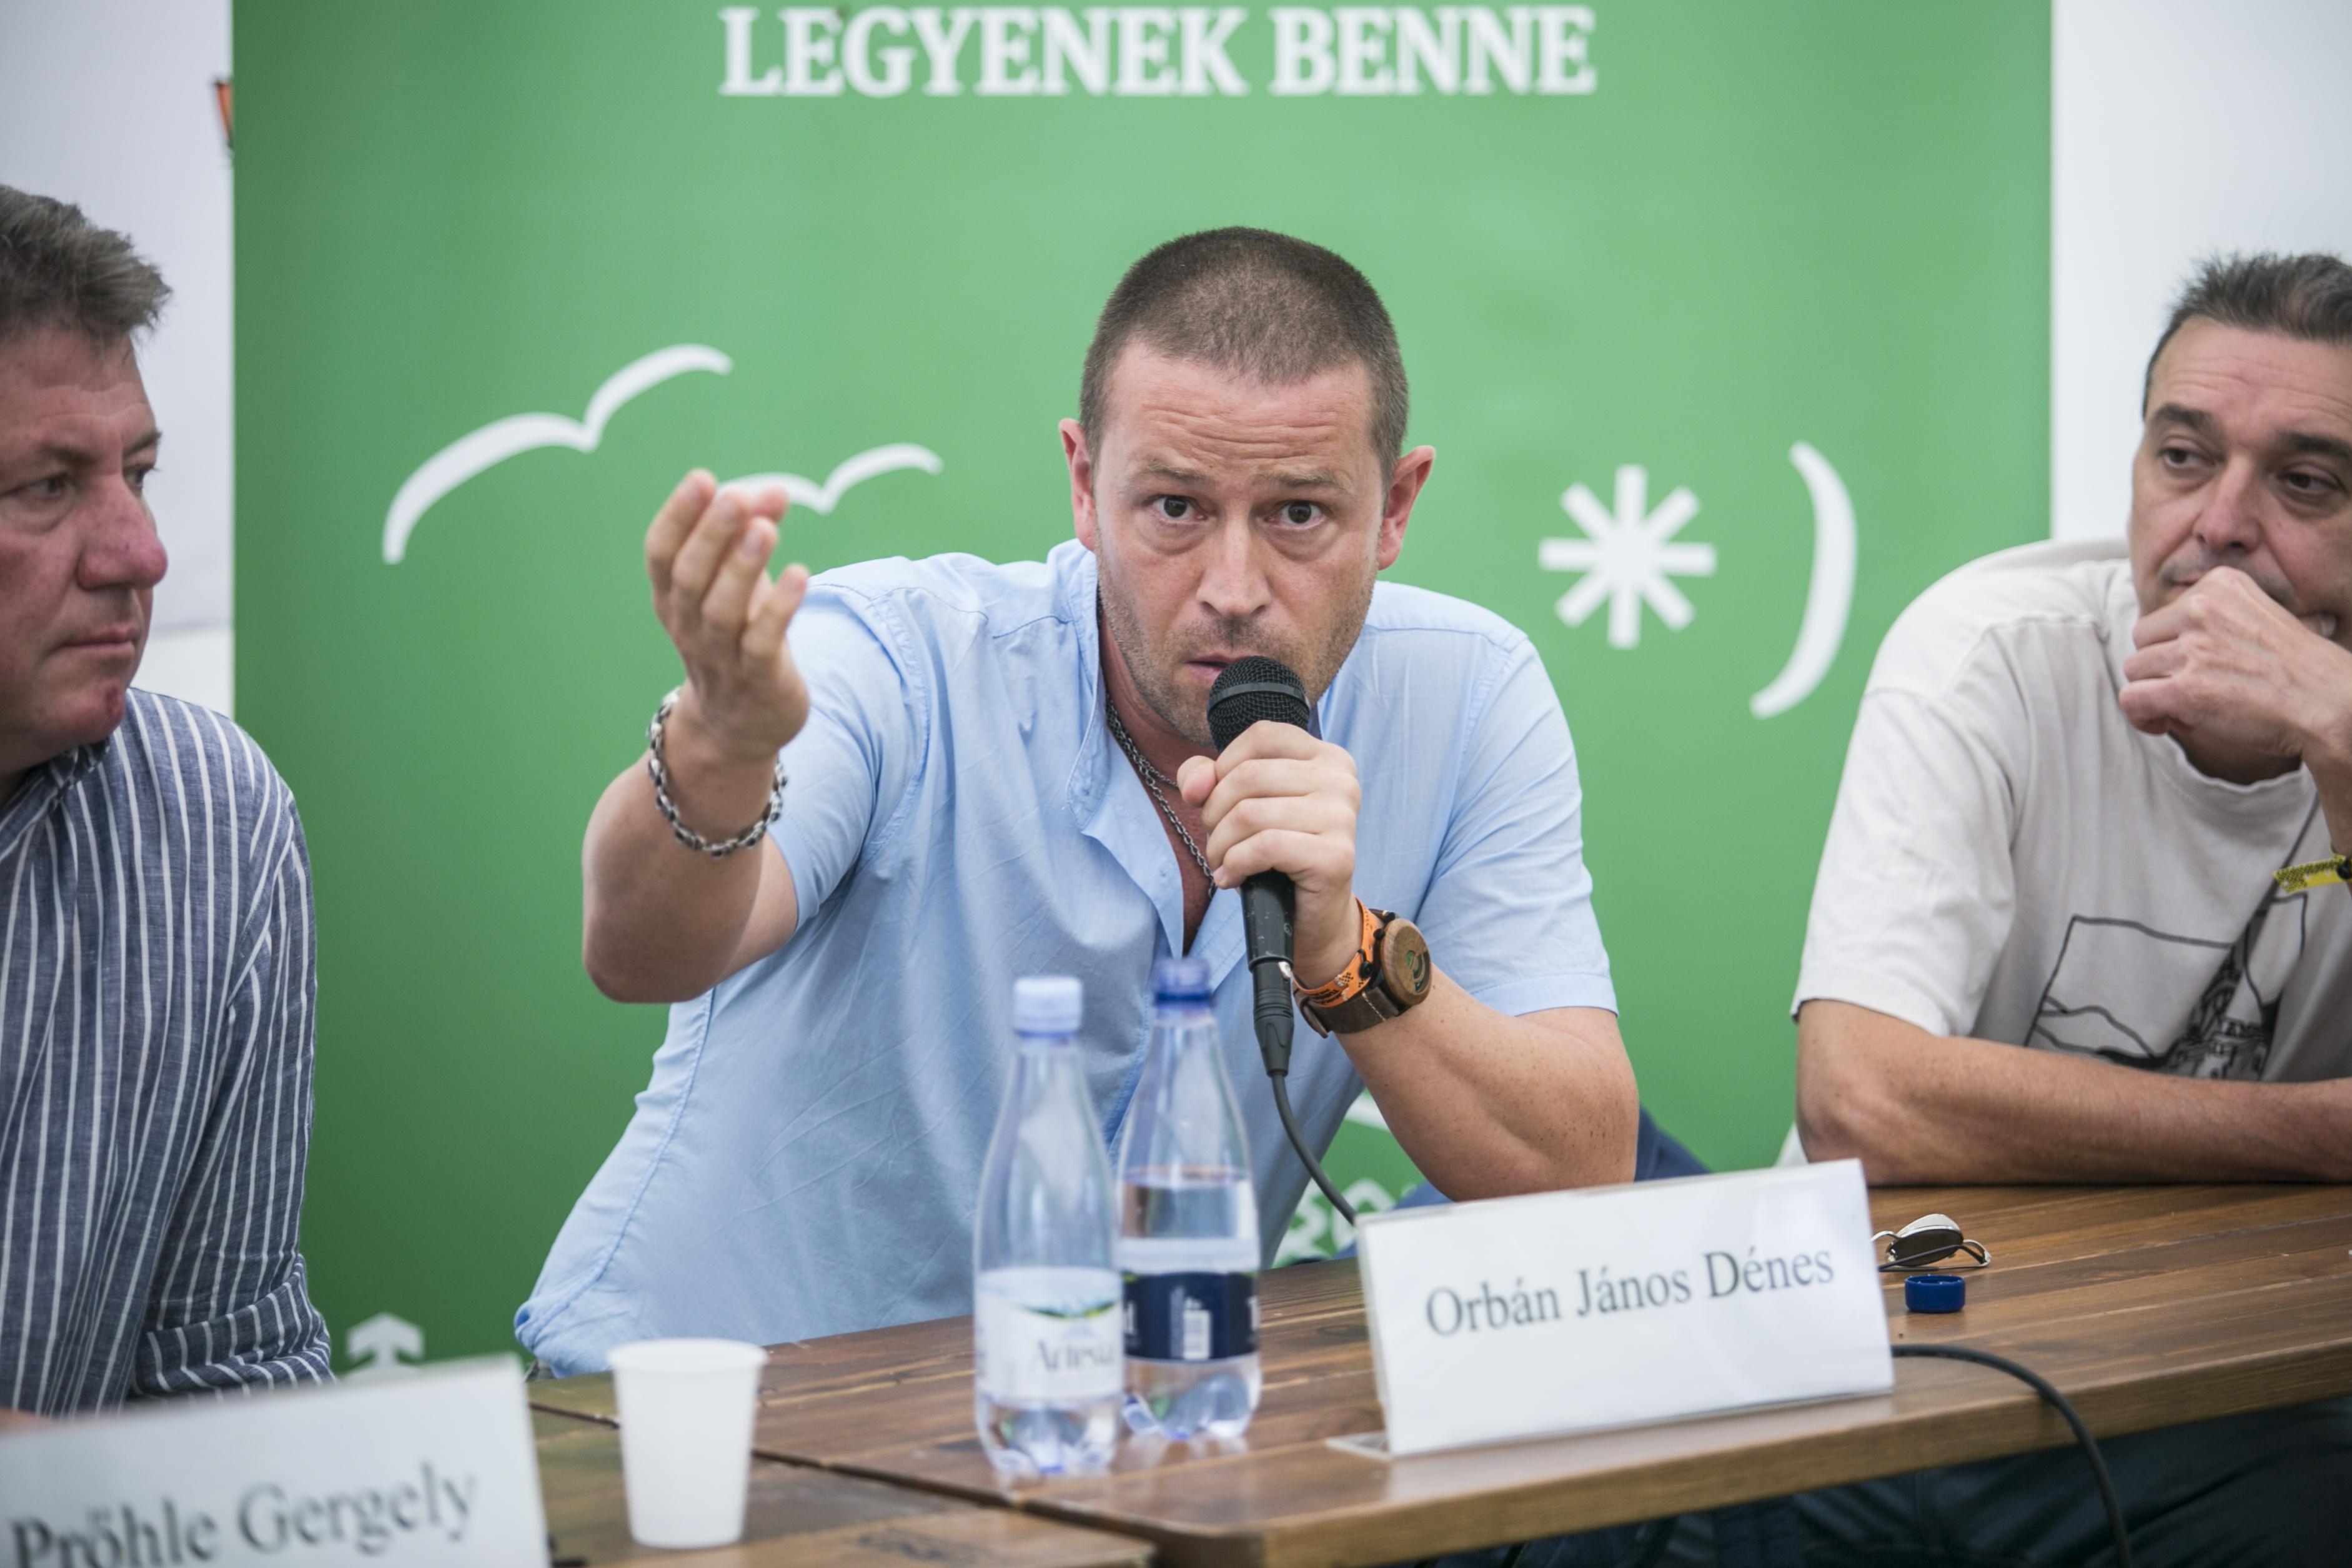 Orbán János Dénes állami íróakadémiája úgy oszt díjat, hogy se a zsűritagok, se a díjazottak neve nem nyilvános